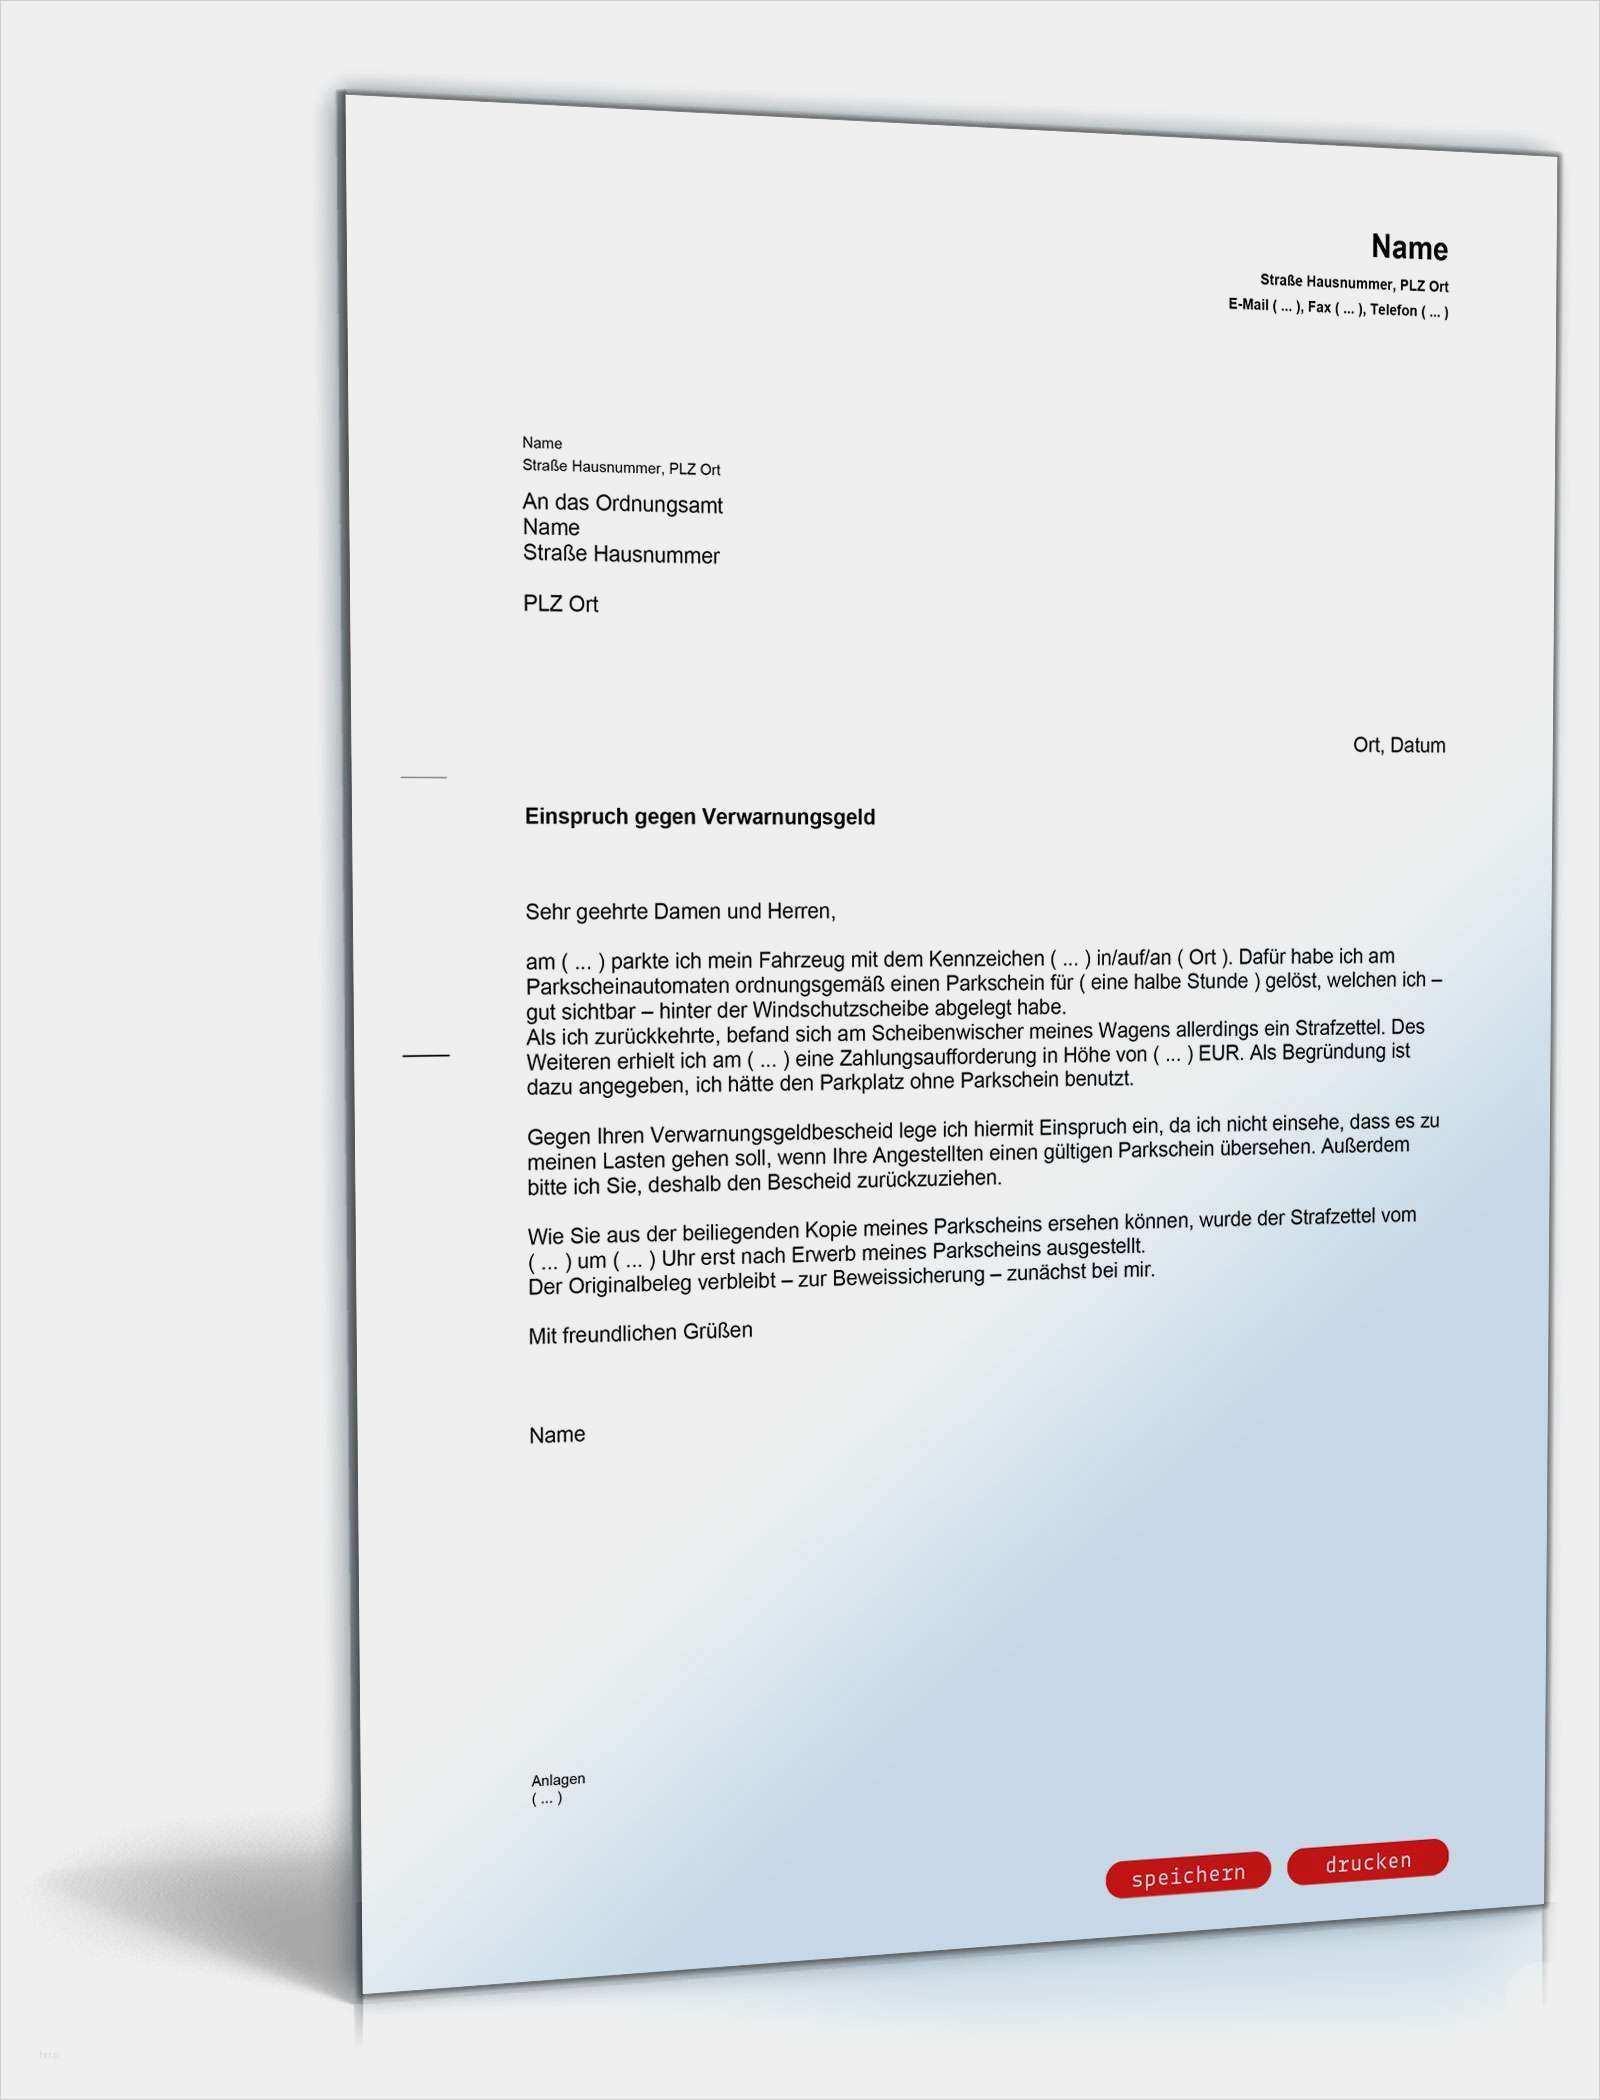 40 Fabelhaft Unfallbericht Vorlage Word Vorrate Vorlagen Word Vorlagen Vorlagen Lebenslauf